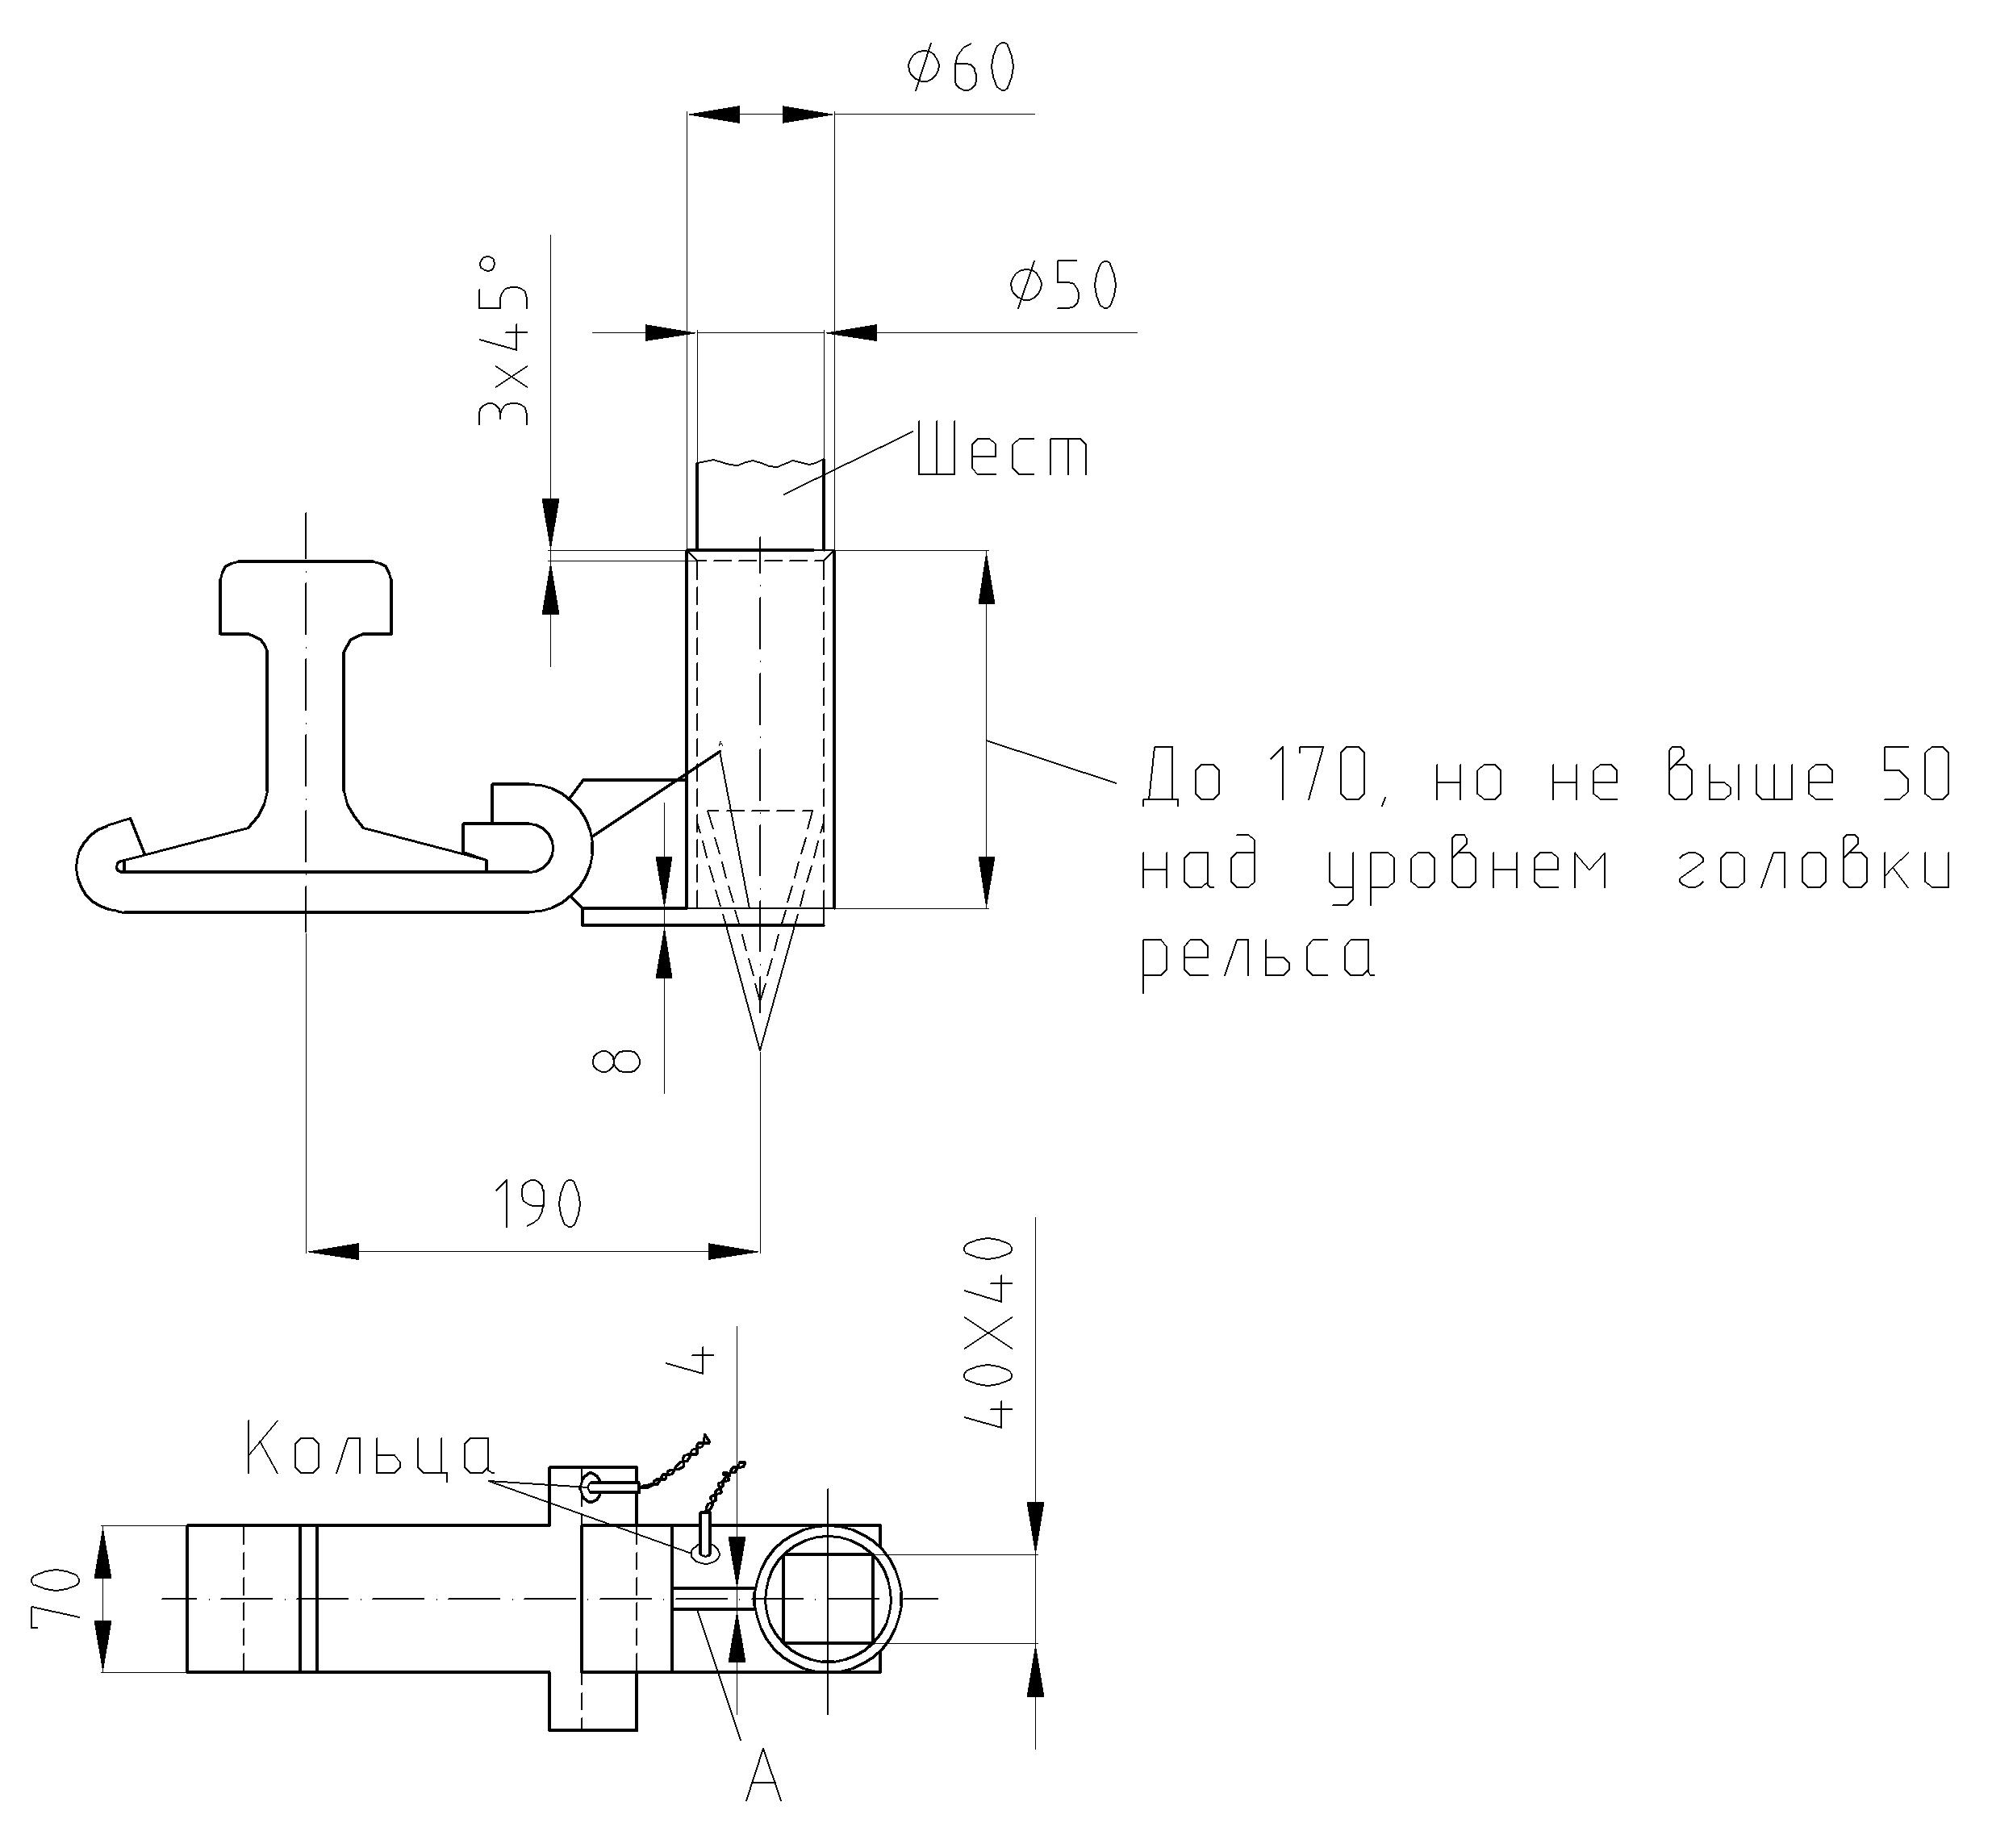 Рисунок 74. Приспособление для закрепления сигнального шеста к подошве рельса